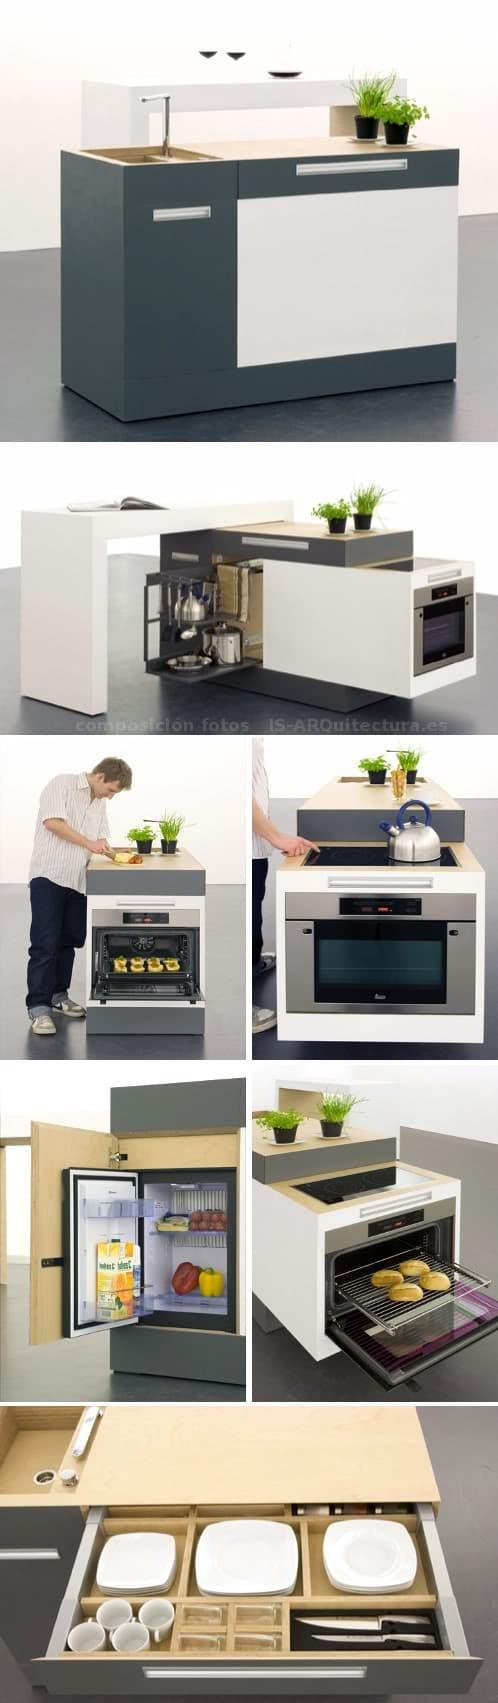 small_type-cocina-compacta-2